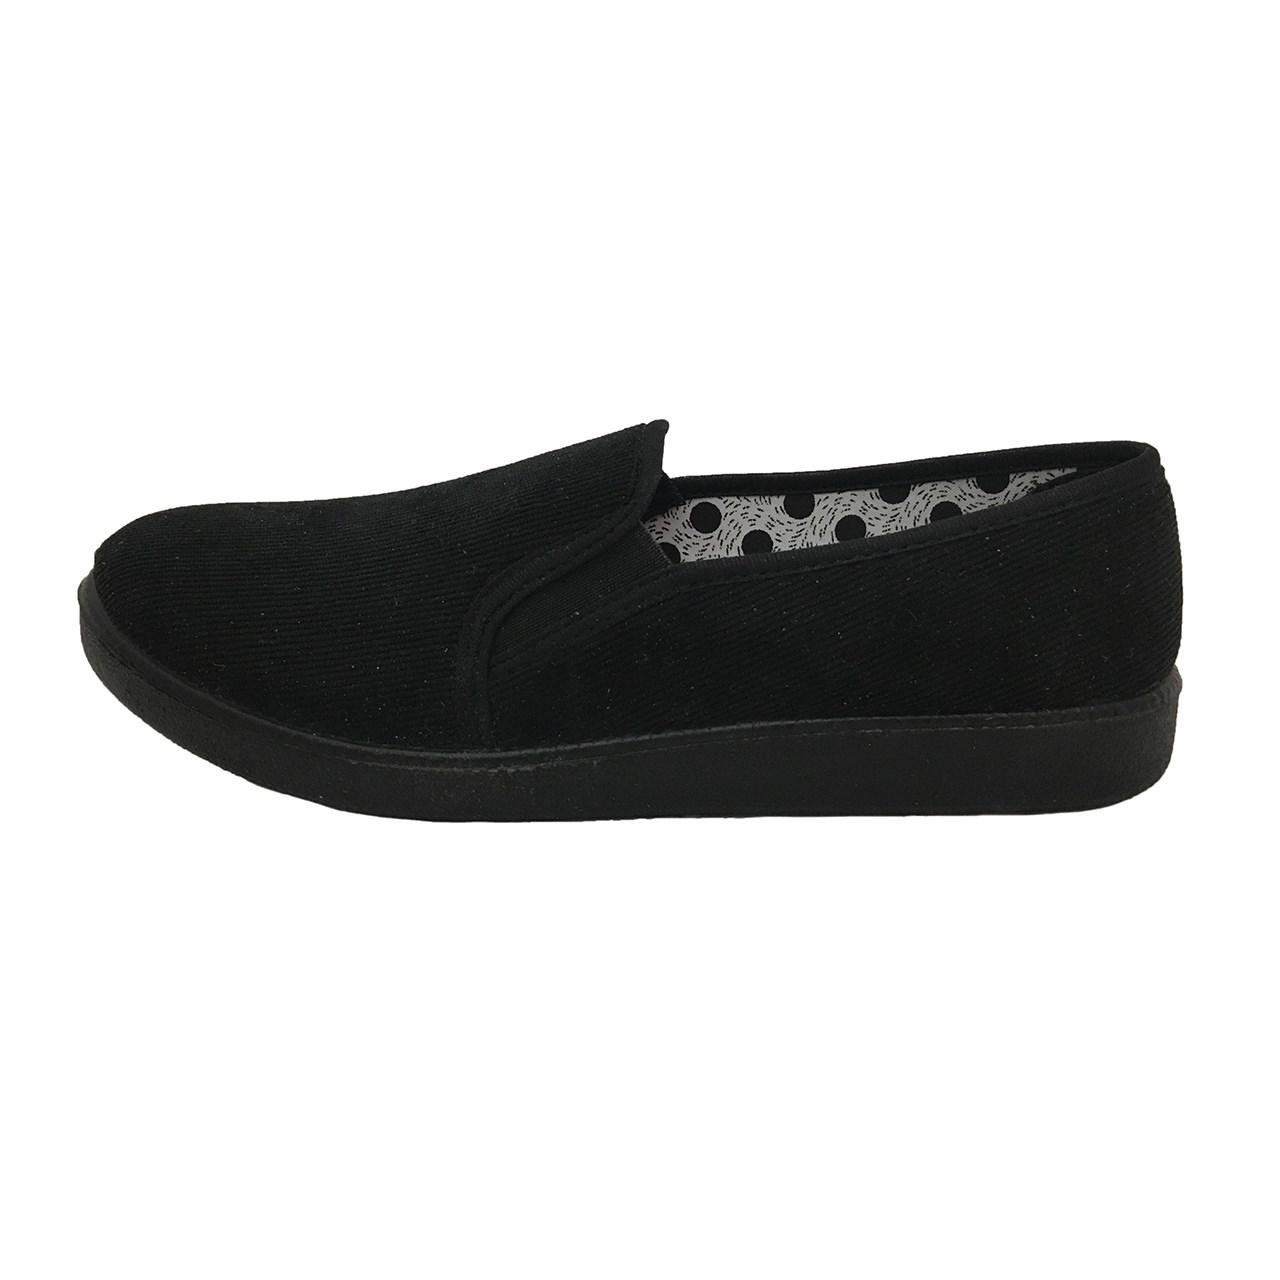 کفش مخصوص پیاده روی مردانه راحت پا مدل 1069